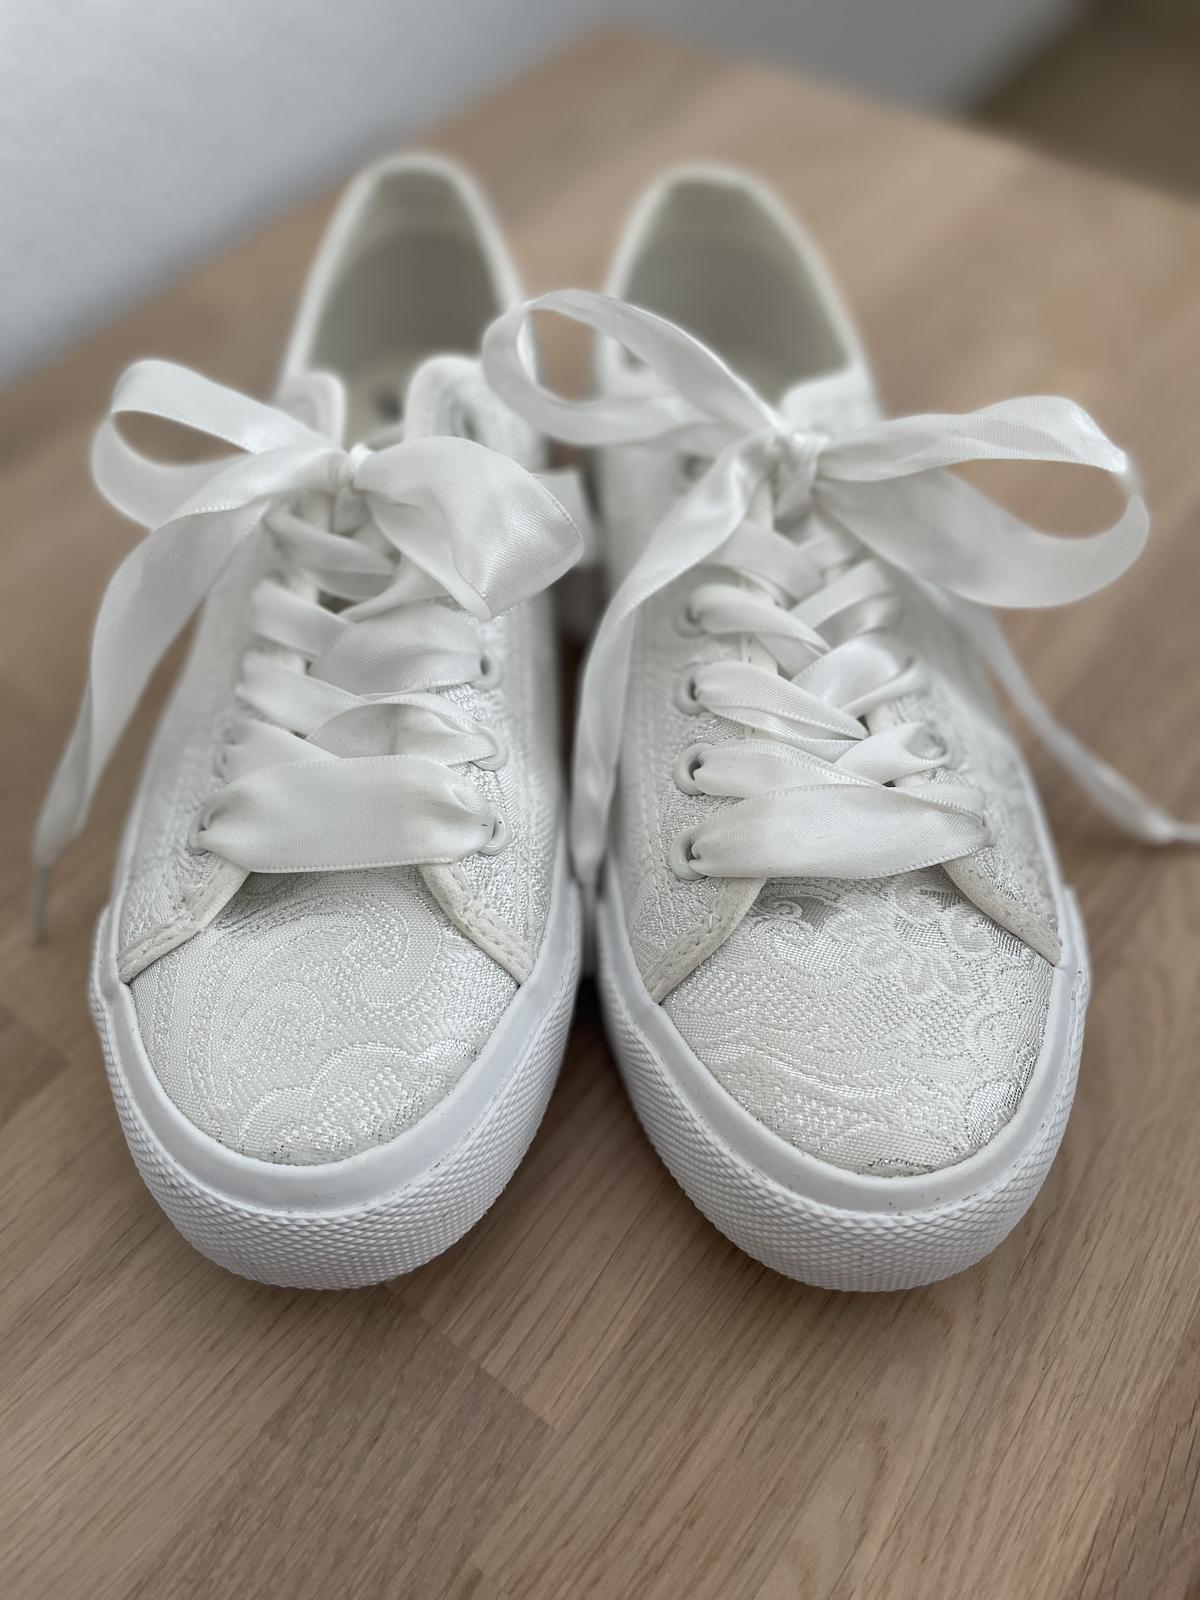 Biele svadobné tenisky - Obrázok č. 1